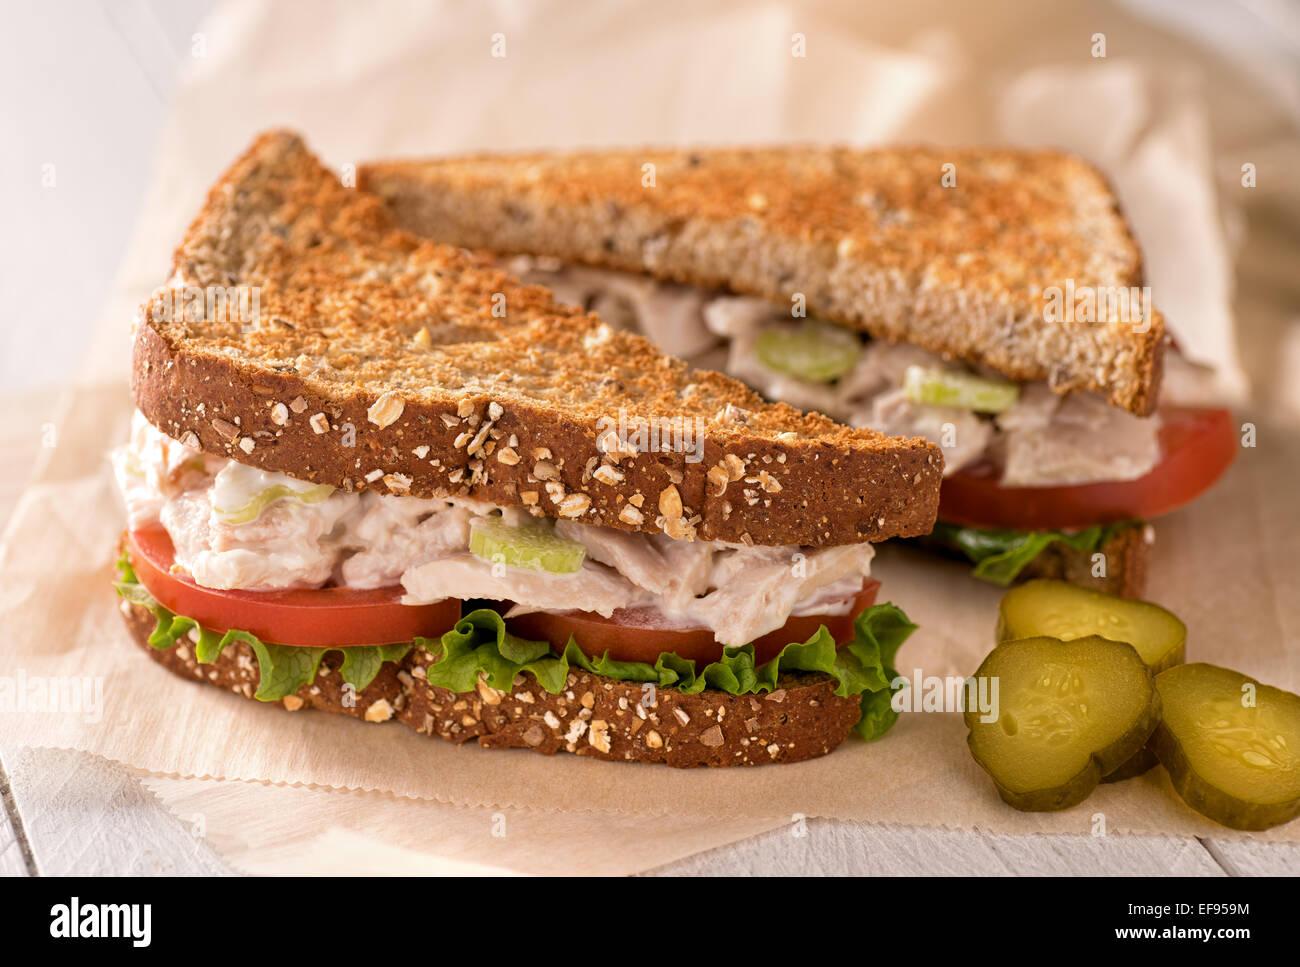 Una deliziosa fiocchi bianchi insalata di tonno sandwich con pomodoro, lattuga, la maionese e sottaceti. Immagini Stock